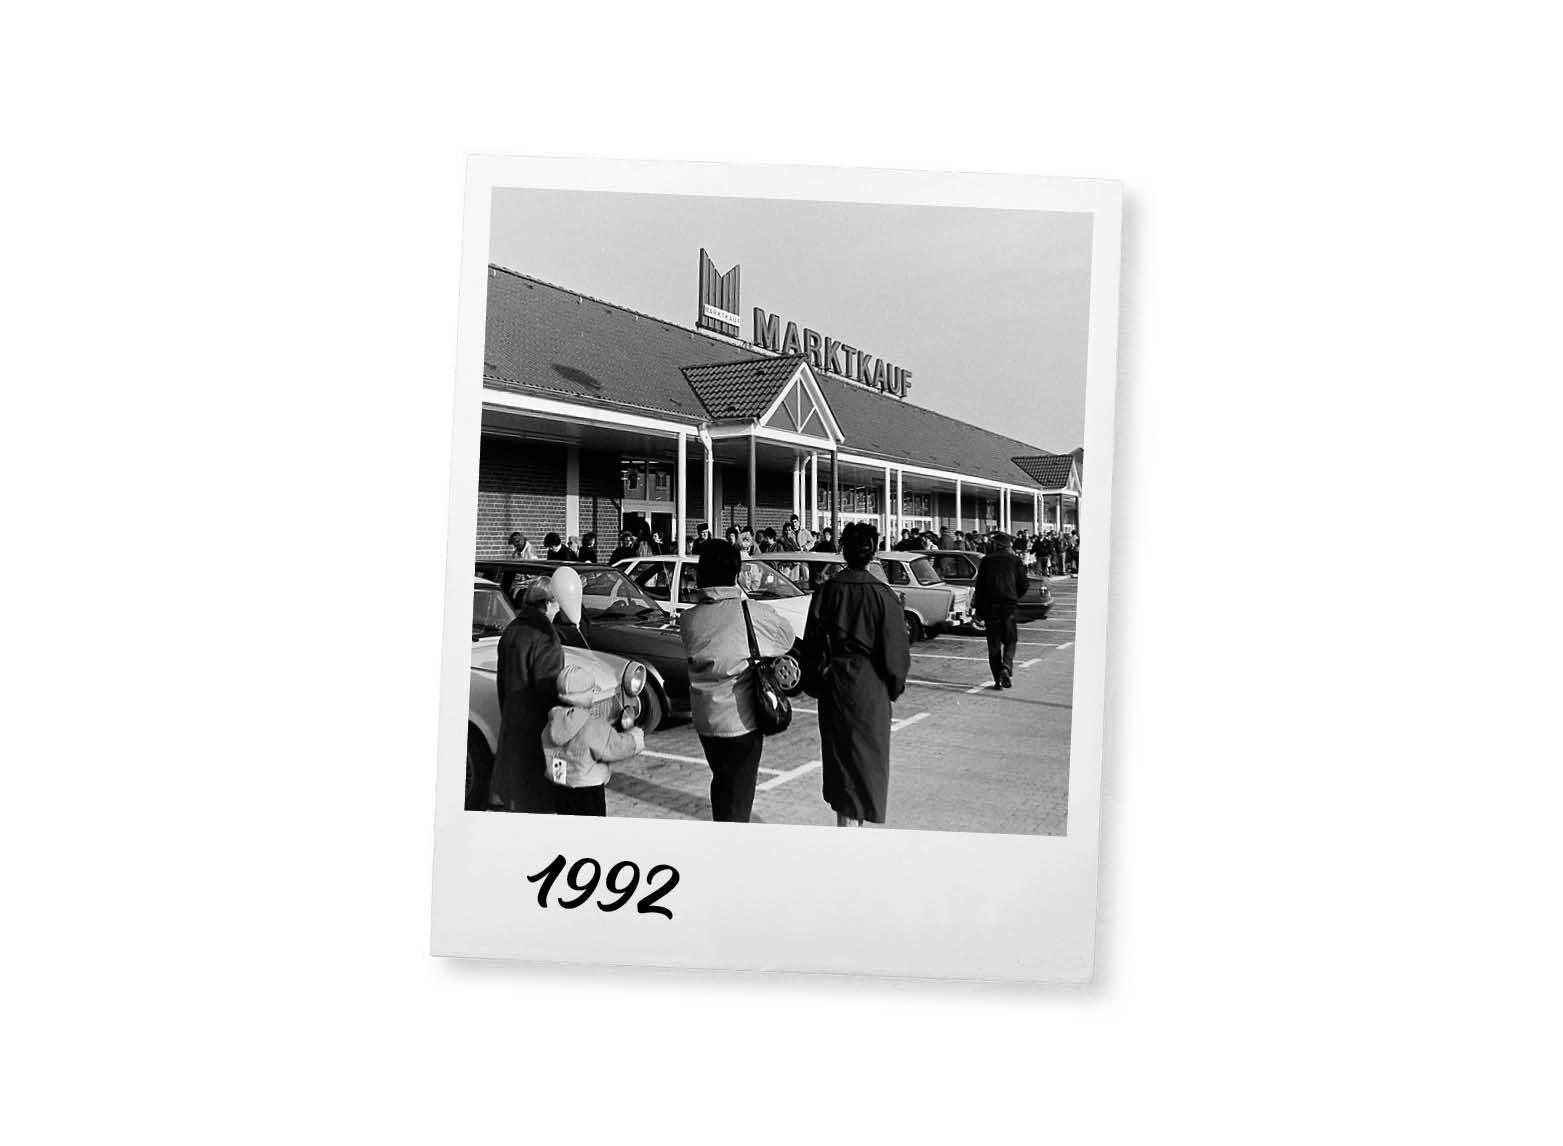 Eröffnung der ersten Häuser in den neuen Bundesländern (u.a. Oschatz) und Beginn der Expansion in Ostdeutschland.